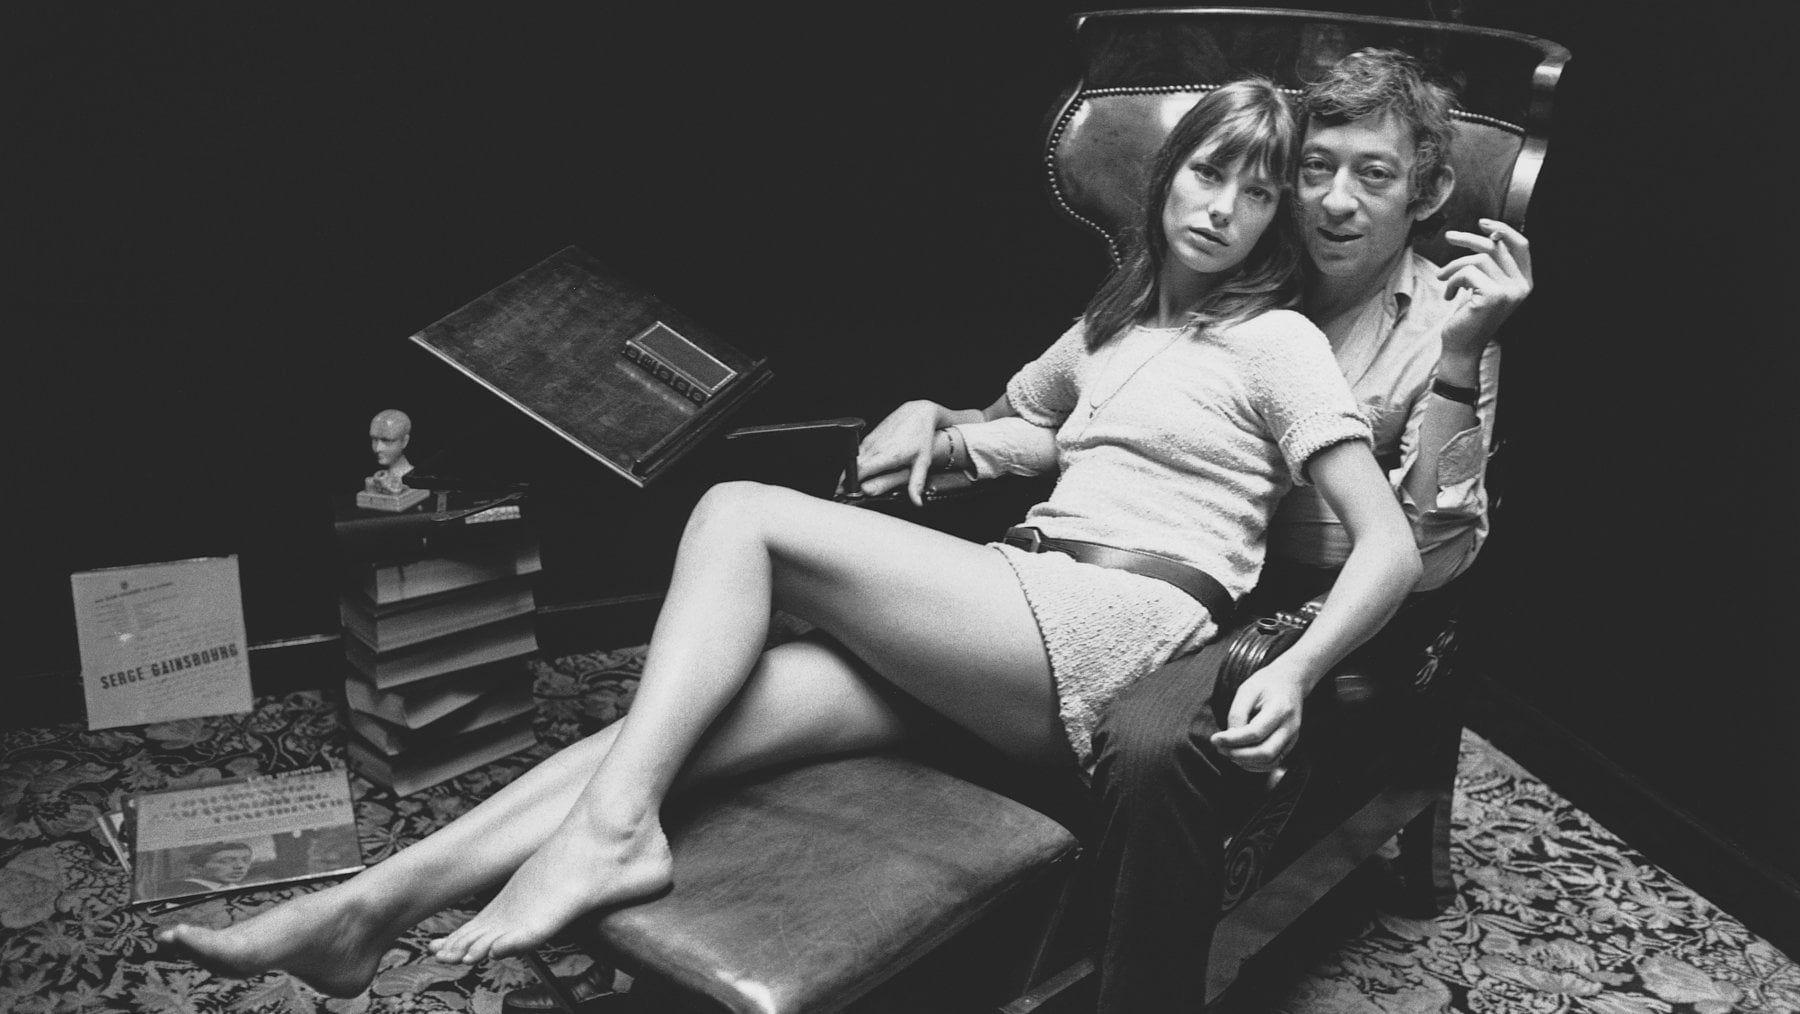 69 année érotique. A Parigi, la Galleria T&L celebra l'annata più erotica di sempre